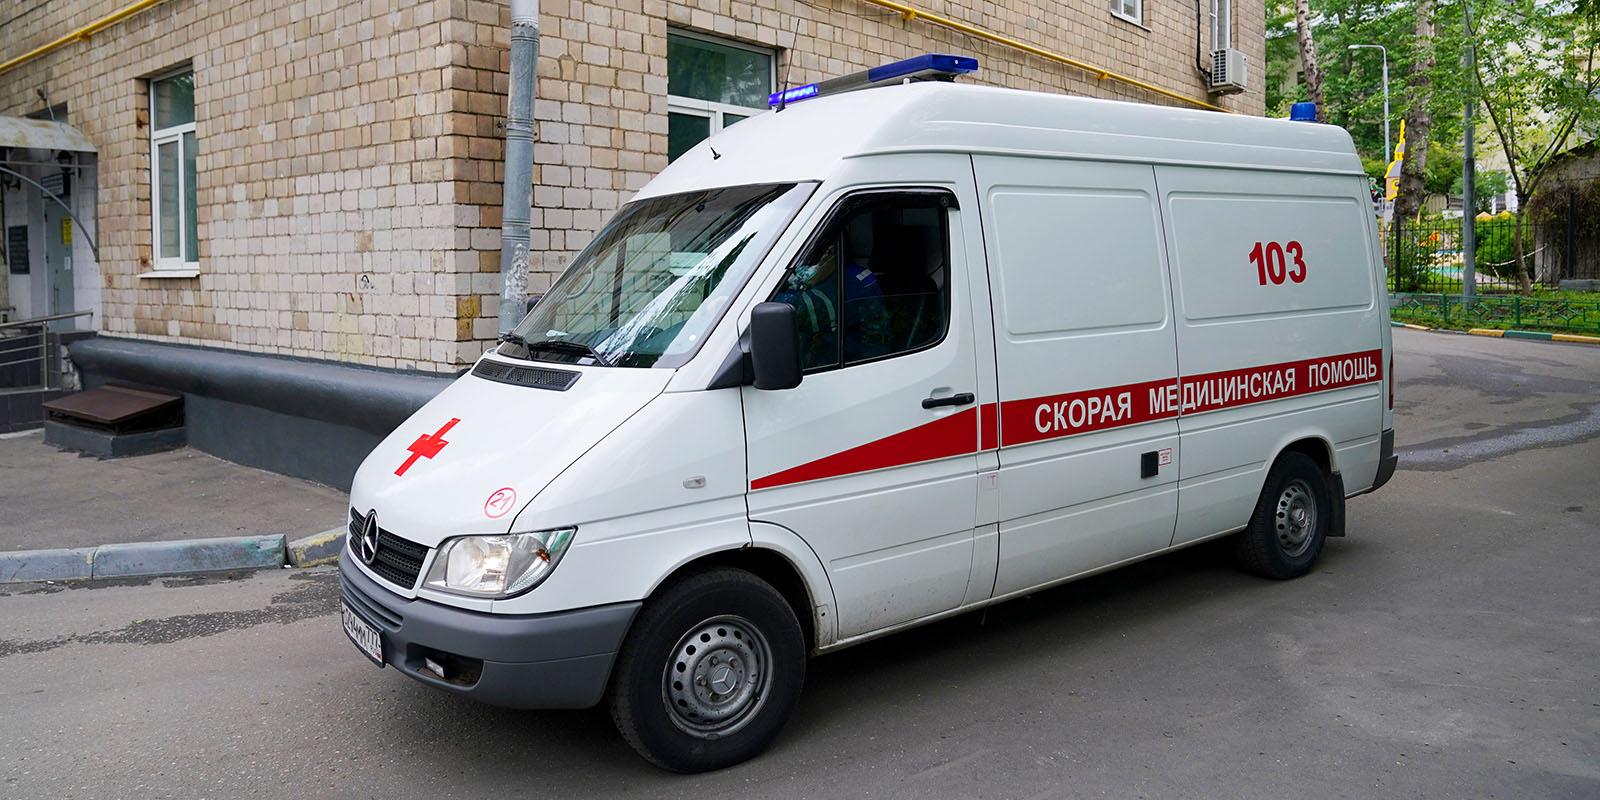 В столице выявили 1493 случая коронавирусной инфекции